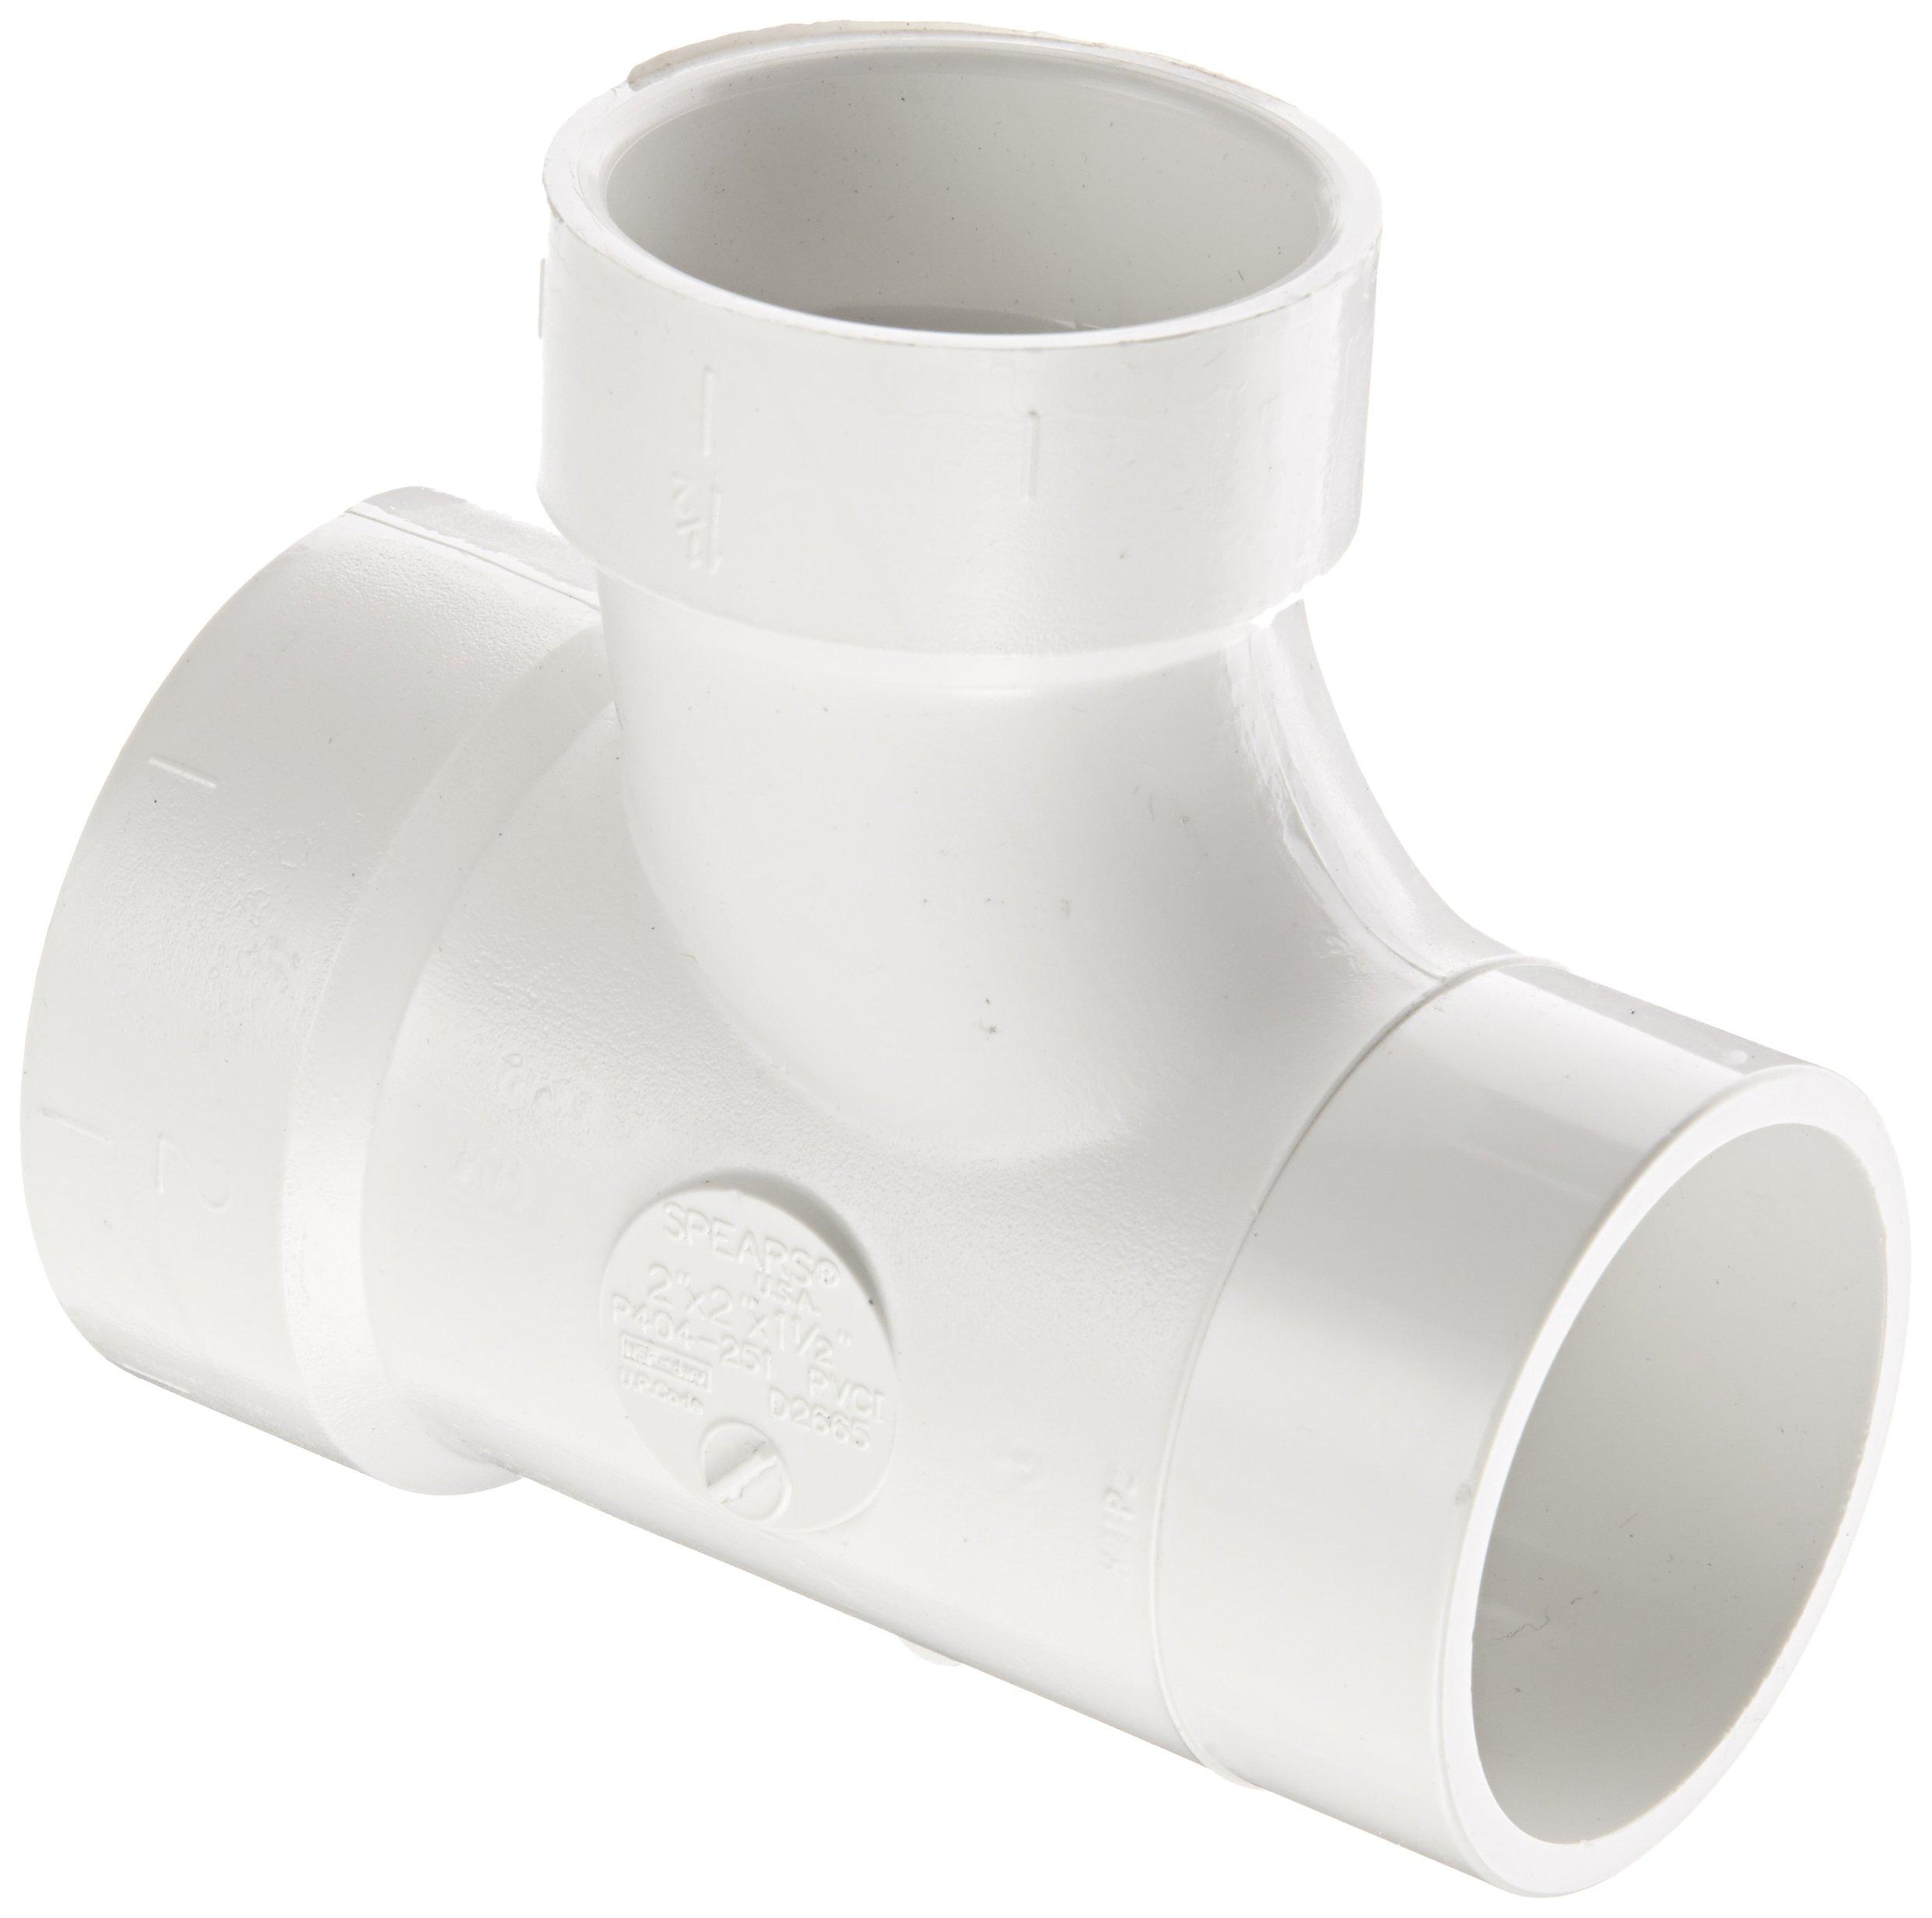 Spears P404 Series PVC DWV Pipe Fitting, Reducing Sanitary Tee, 2'' Spigot x 2'' Hub x 1-1/2'' Hub